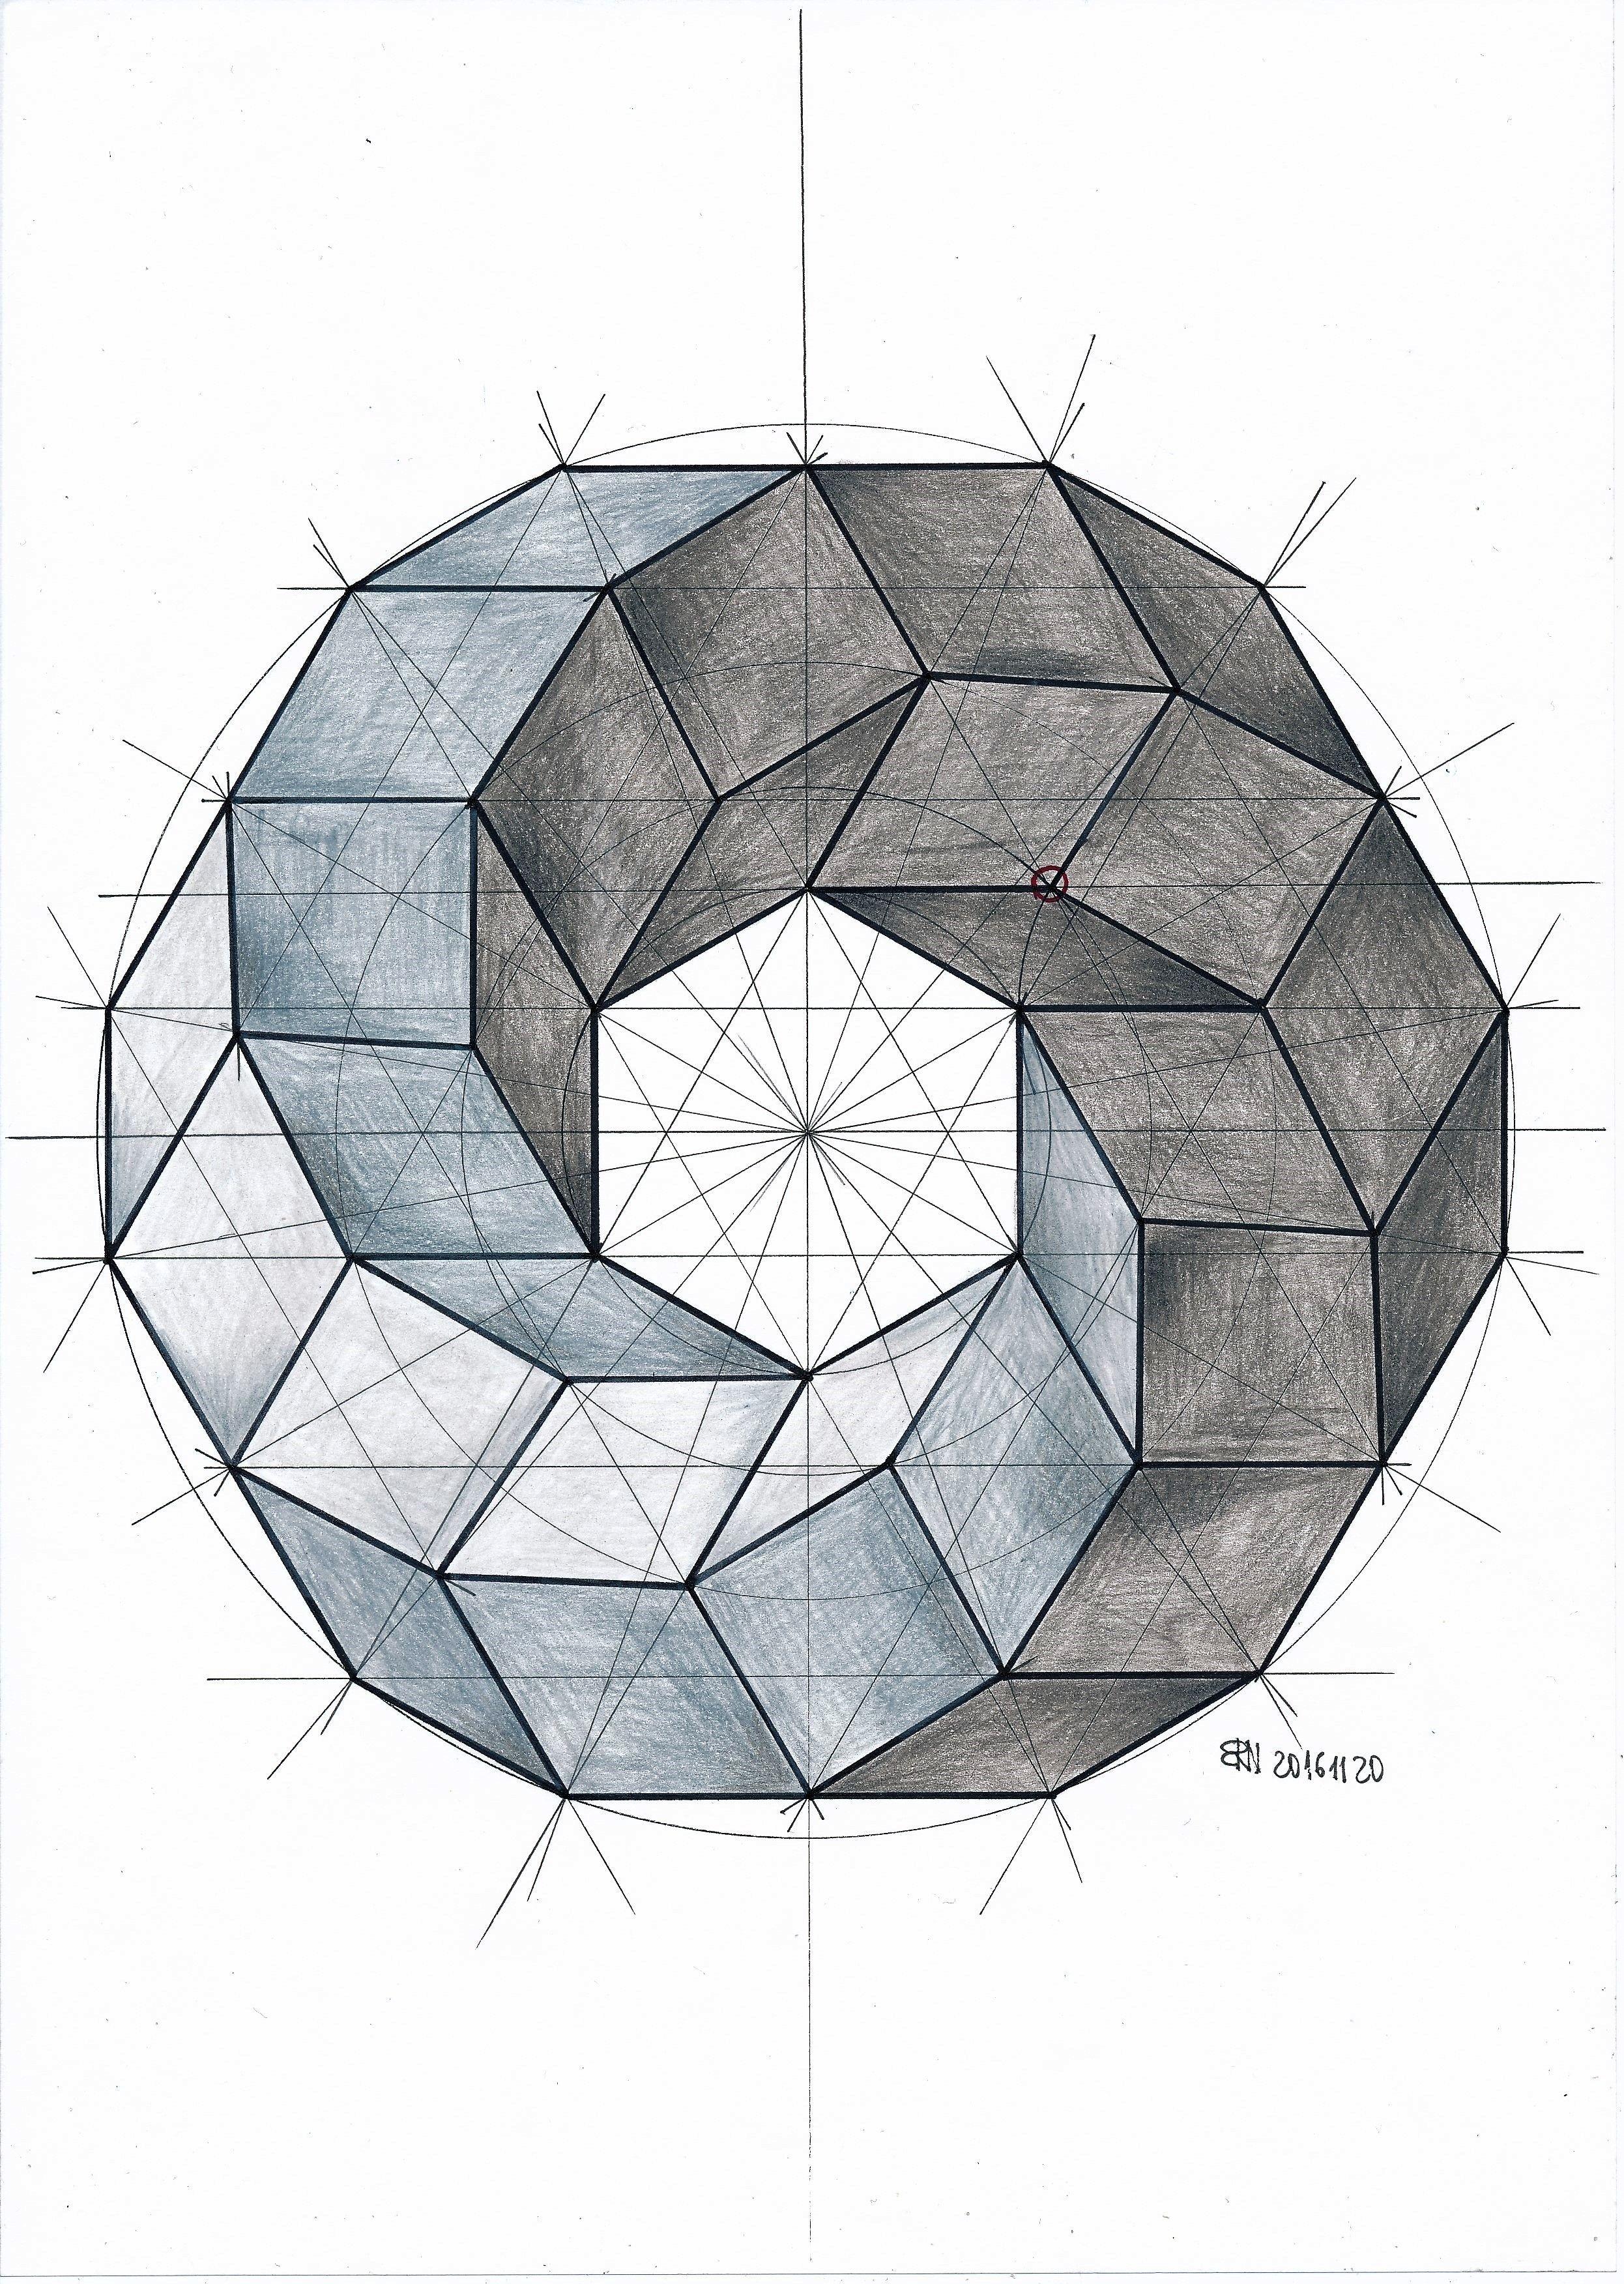 Calendario Para Imprimir 2017 Venezuela Más Recientes Polyhedra Odylic force Pinterest Of Calendario Para Imprimir 2017 Venezuela Mejores Y Más Novedosos Sunavi